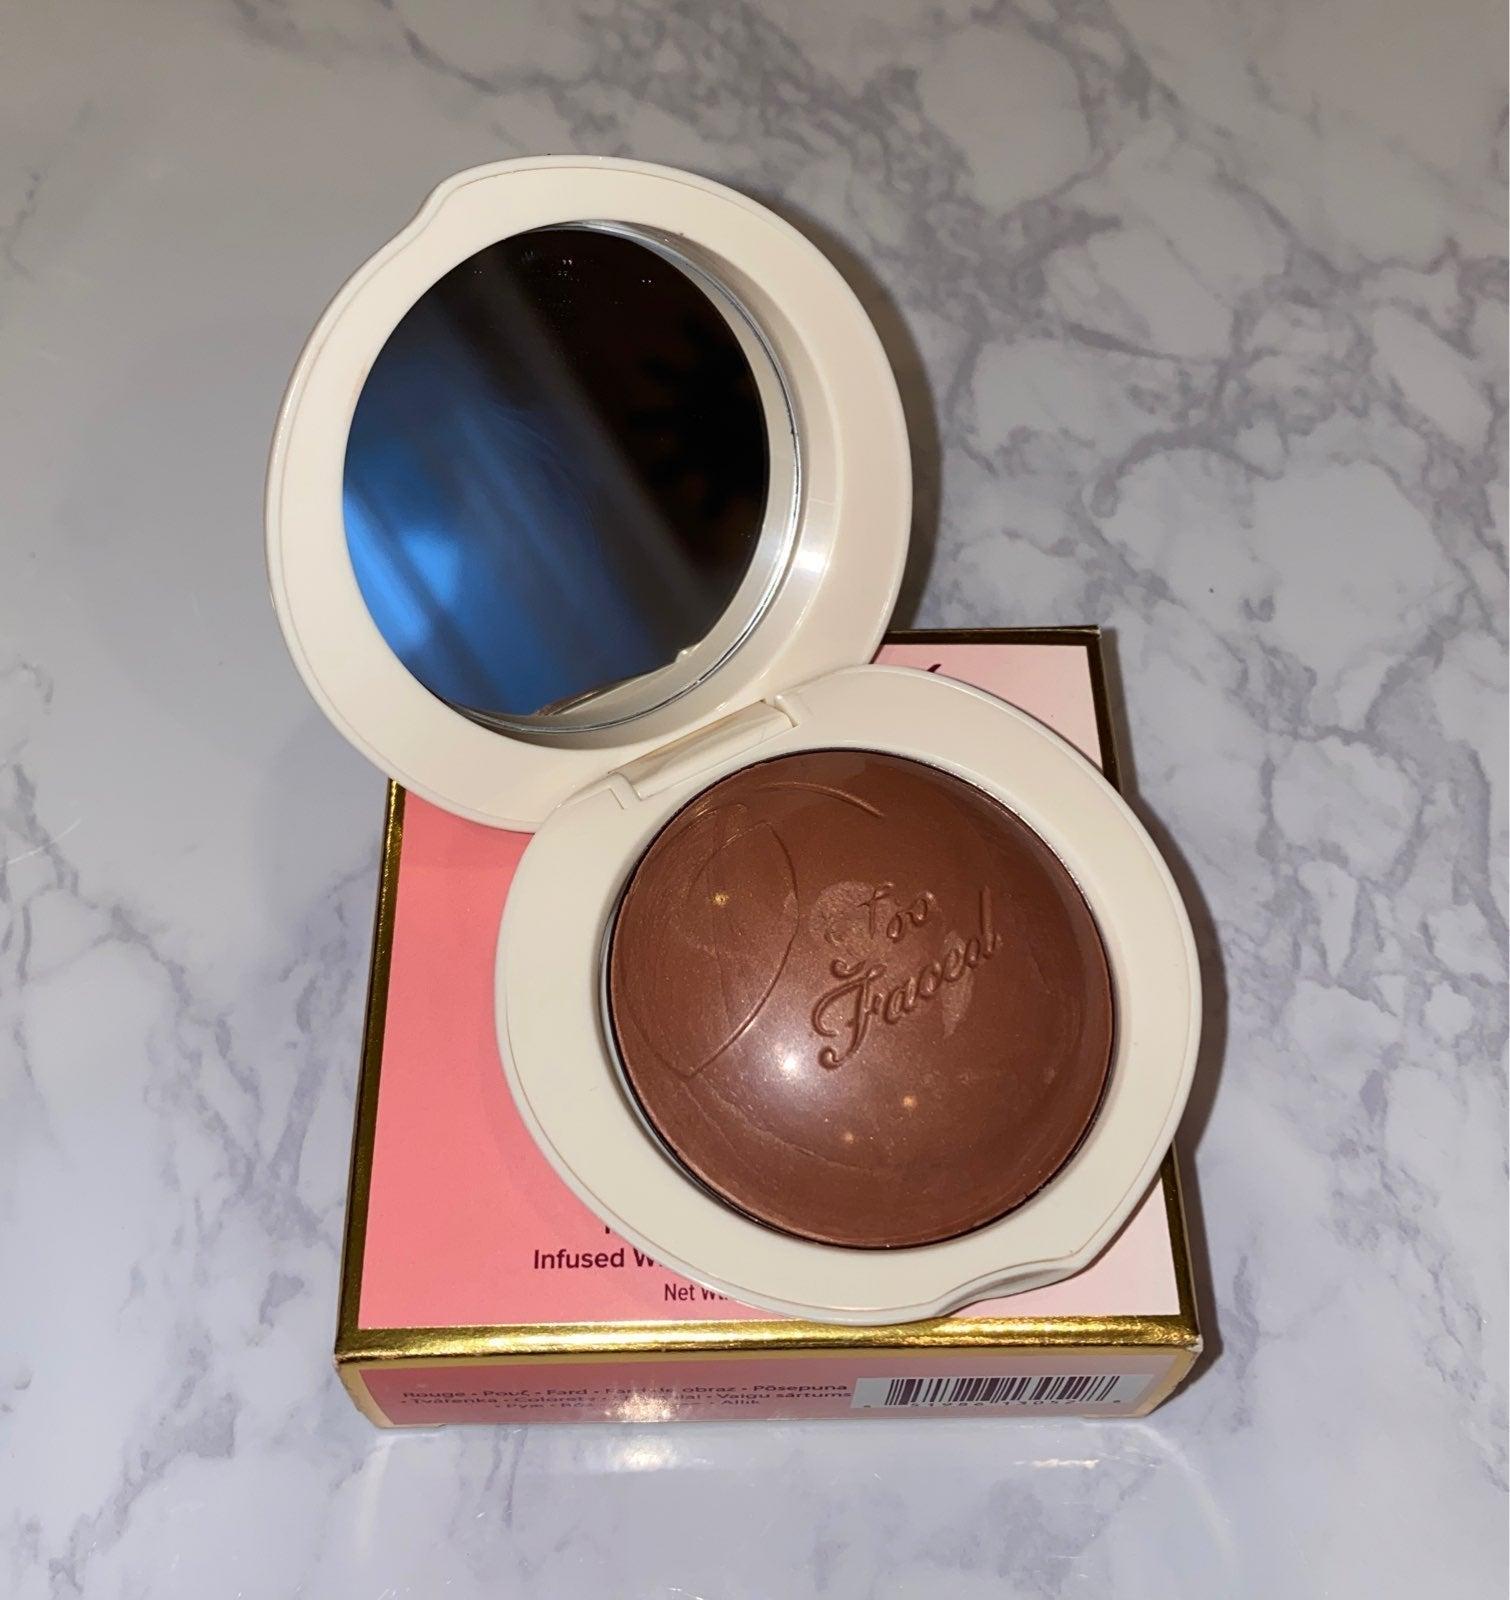 Too Faced Spiced Peach Blush